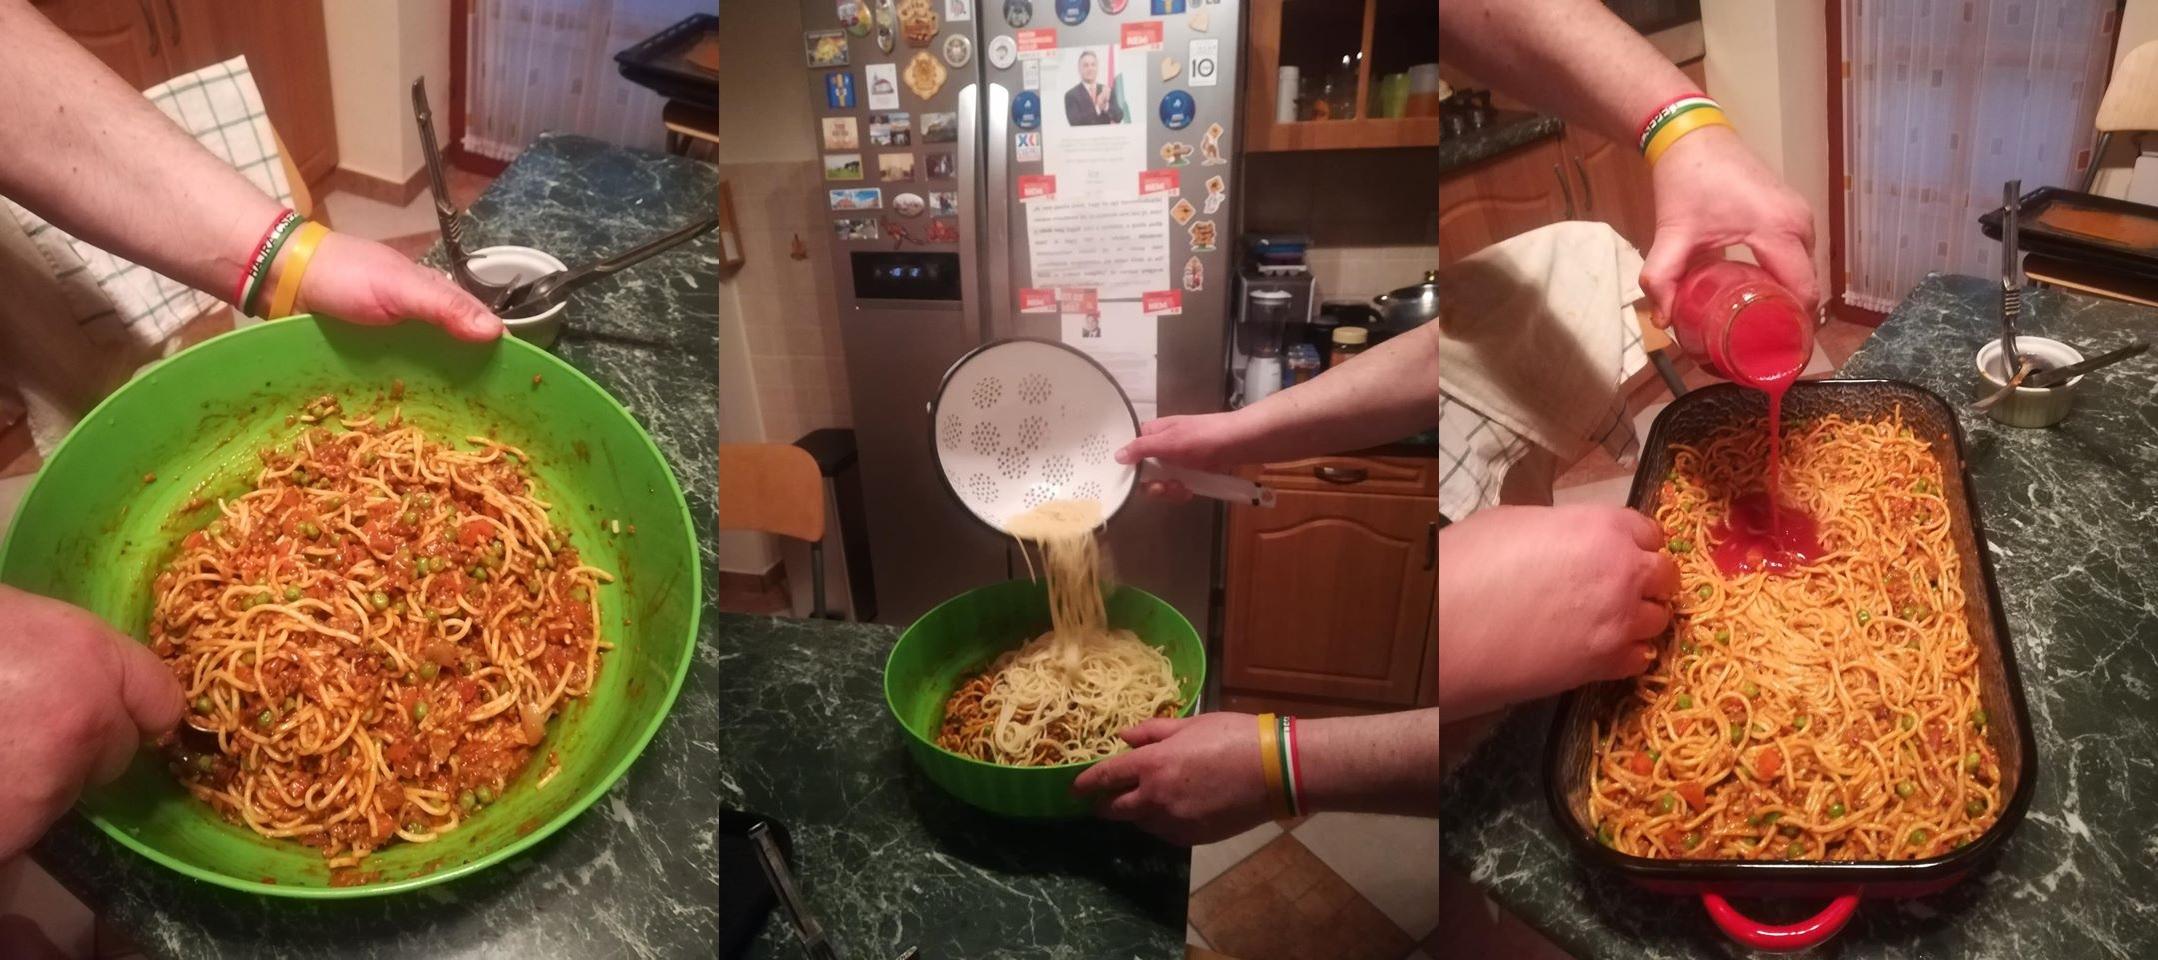 Németh Szilárd 1 hetes milánói makaróniból készített ételt